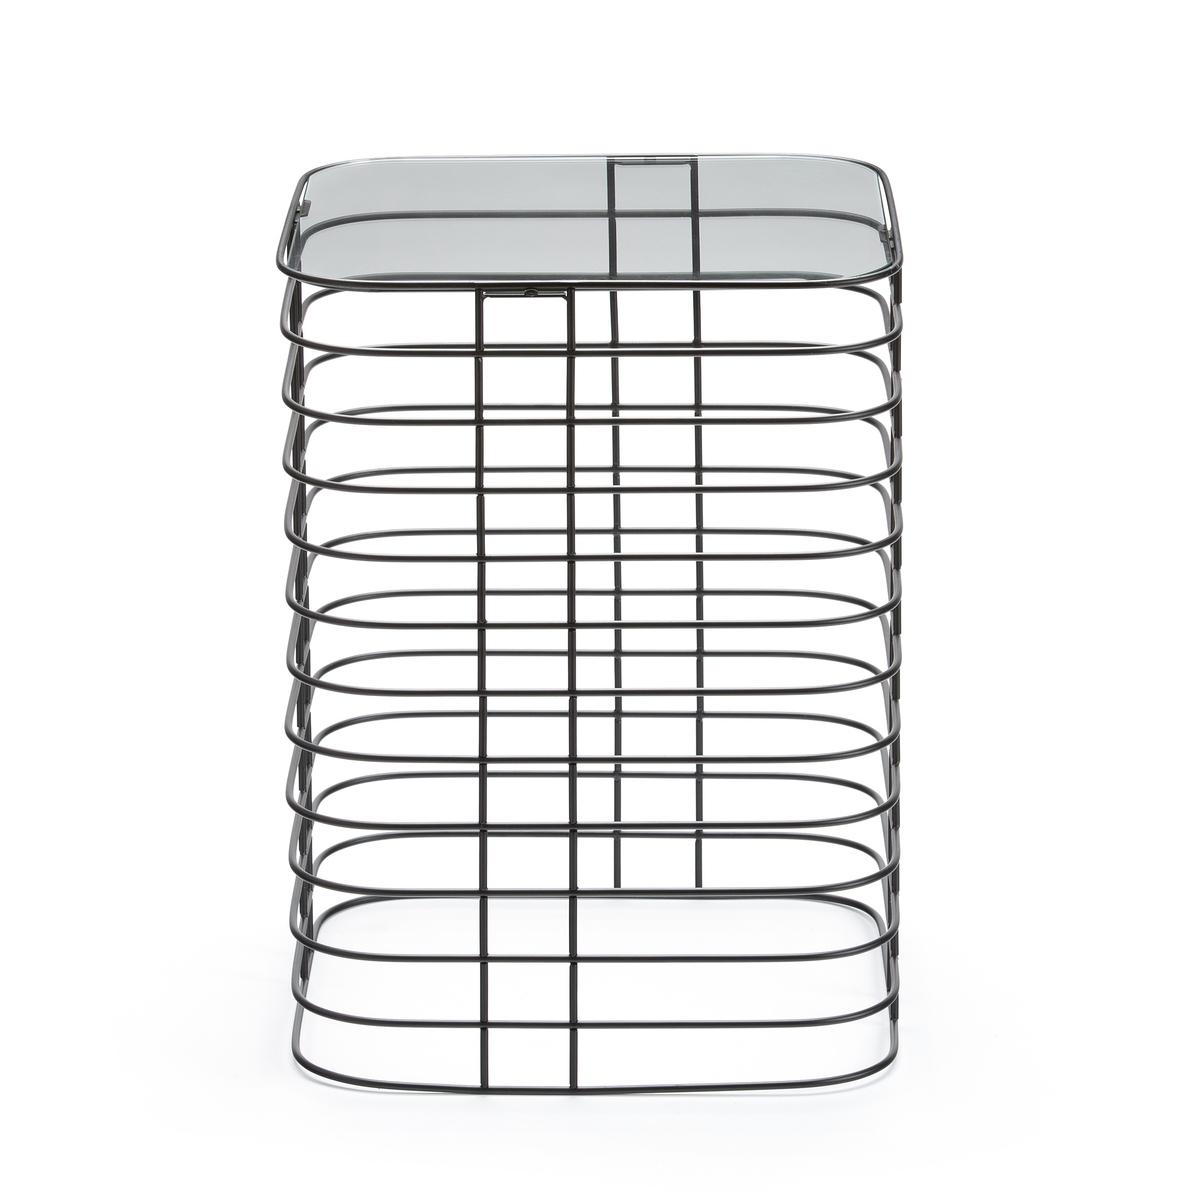 Столик журнальный из проволоки, CubilumЖурнальный столик Cubilum. Столик в индустриальном стиле в форме клетки из металлической проволоки можно использовать в качестве прикроватного или журнального.Описание : -  Металлический каркас с эпоксидным покрытием черного матового цвета- Верхняя столешница из каленого стекла- Поставляется в собранном видеРазмеры : - Ш37,9 x В50,9 x Г37,9 см<br><br>Цвет: черный